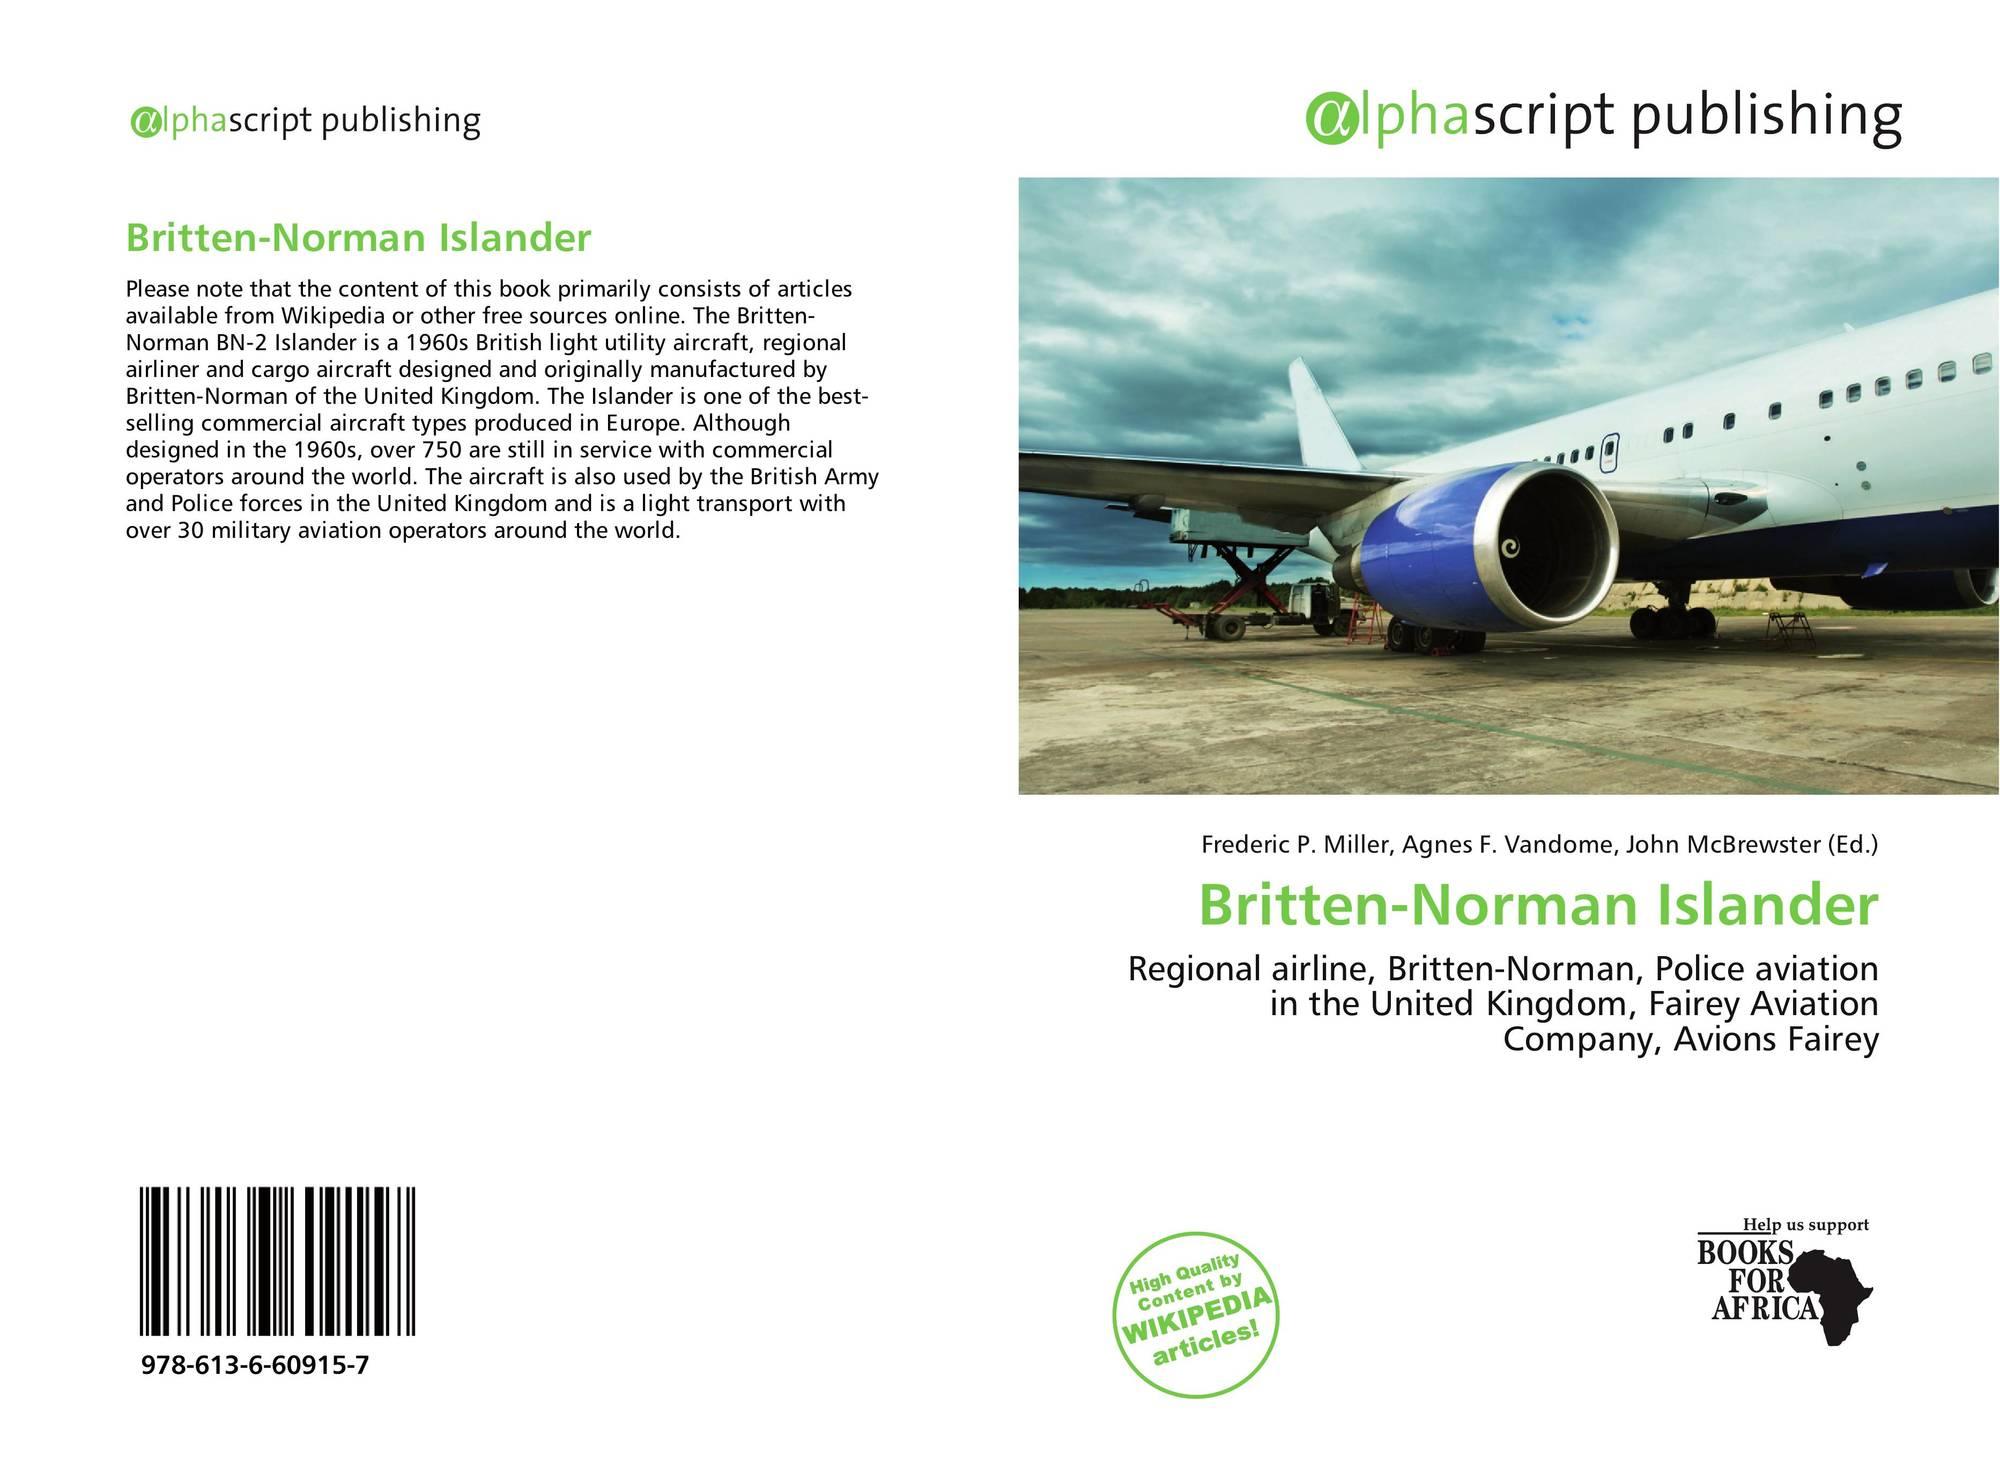 Britten-Norman Islander, 978-613-6-60915-7, 6136609150 ,9786136609157